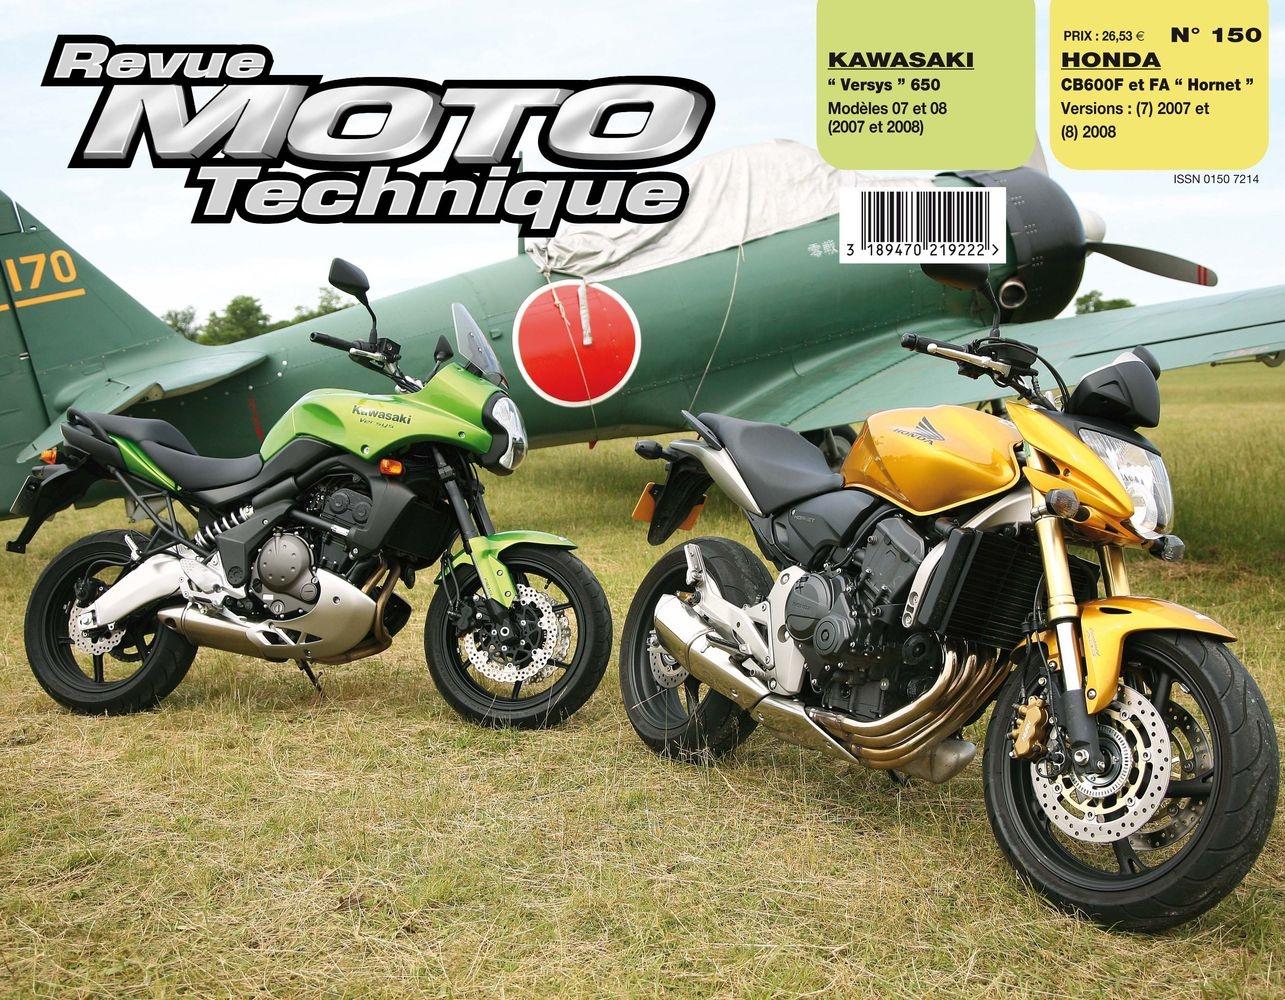 Revue Moto Technique 150.1 Honda CB 600 F-FA / Kawasaki Versys 650 07-